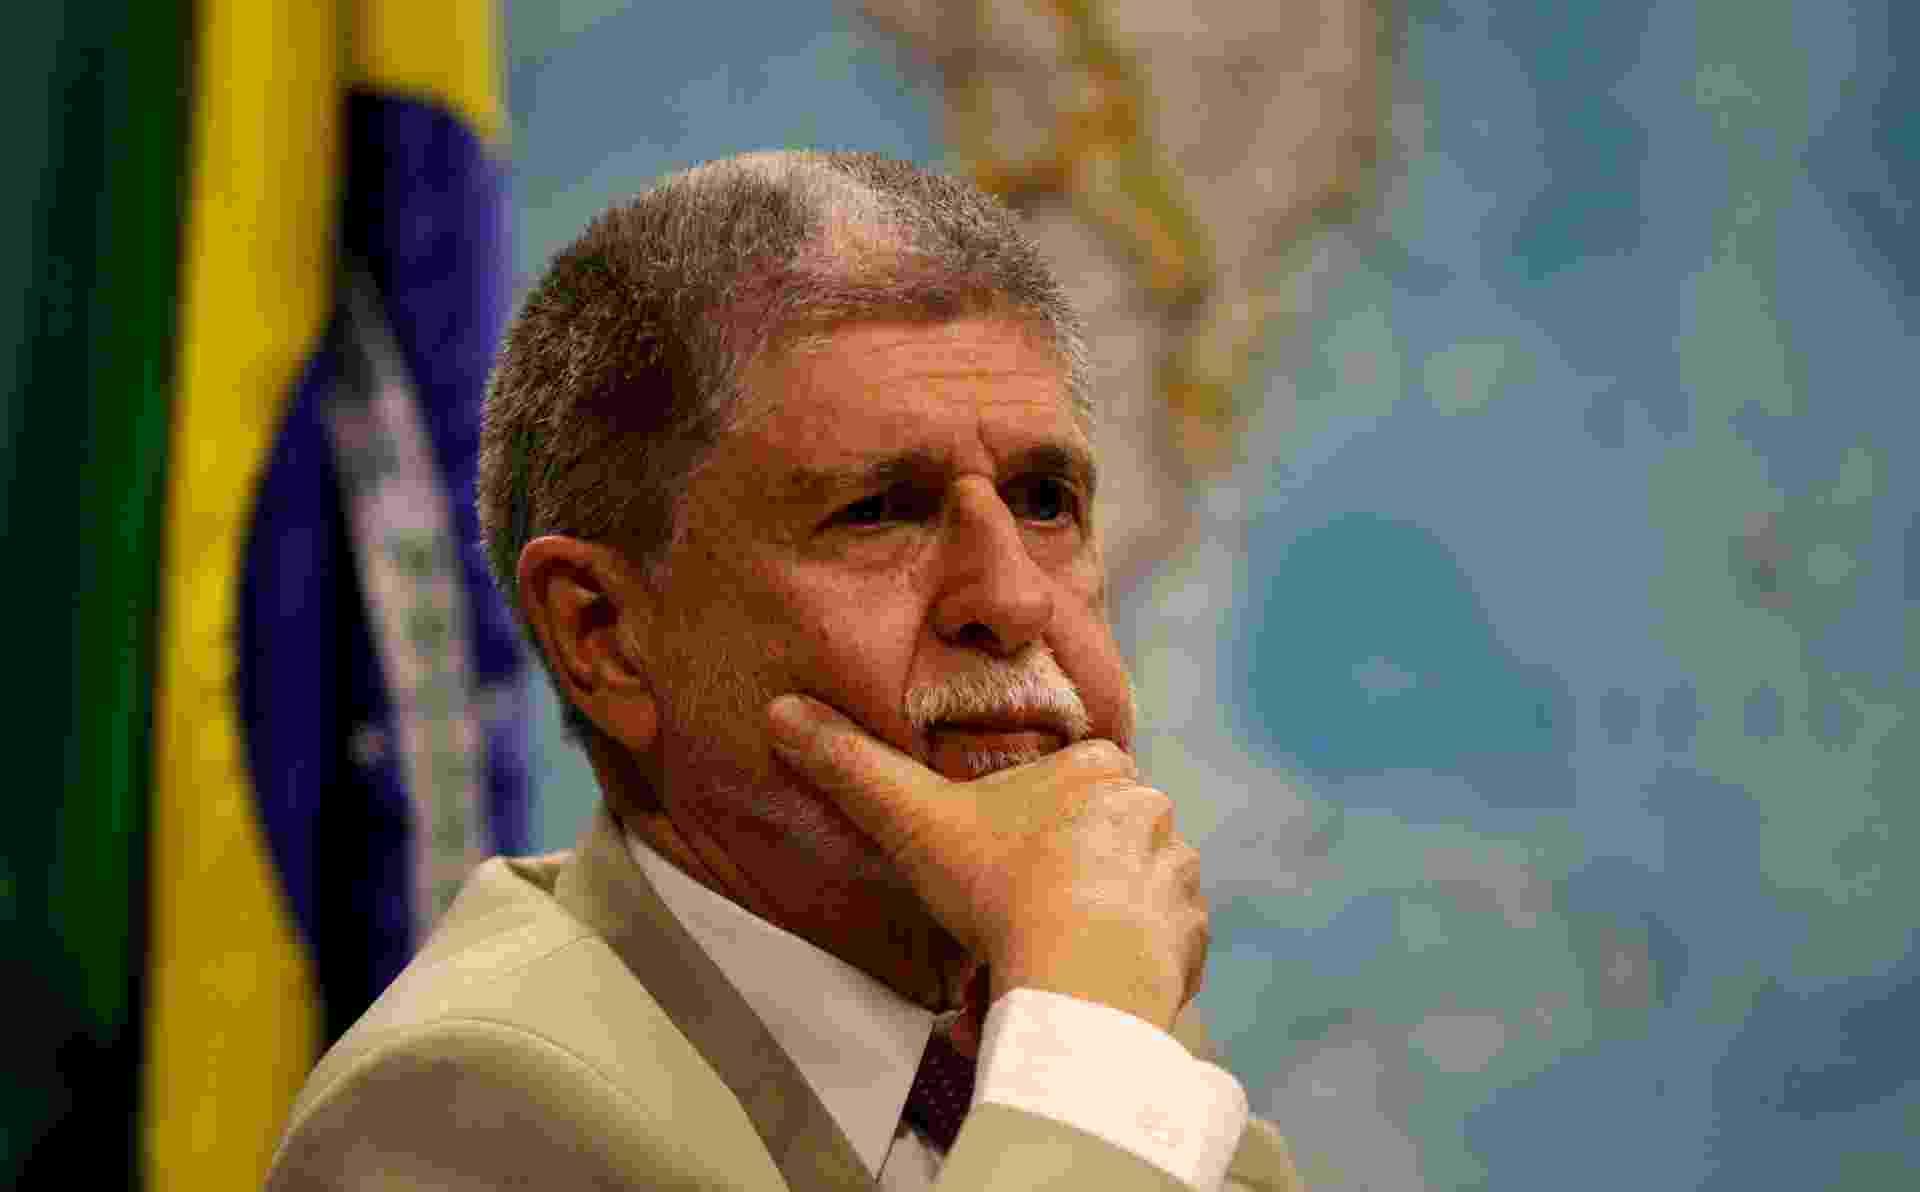 Comissão de Relações Exteriores do Senado ouve o ministros da Defesa, Celso Amorim, sobre o escândalo de espionagem do governo dos EUA no Brasil - Pedro Ladeira/Folhapress